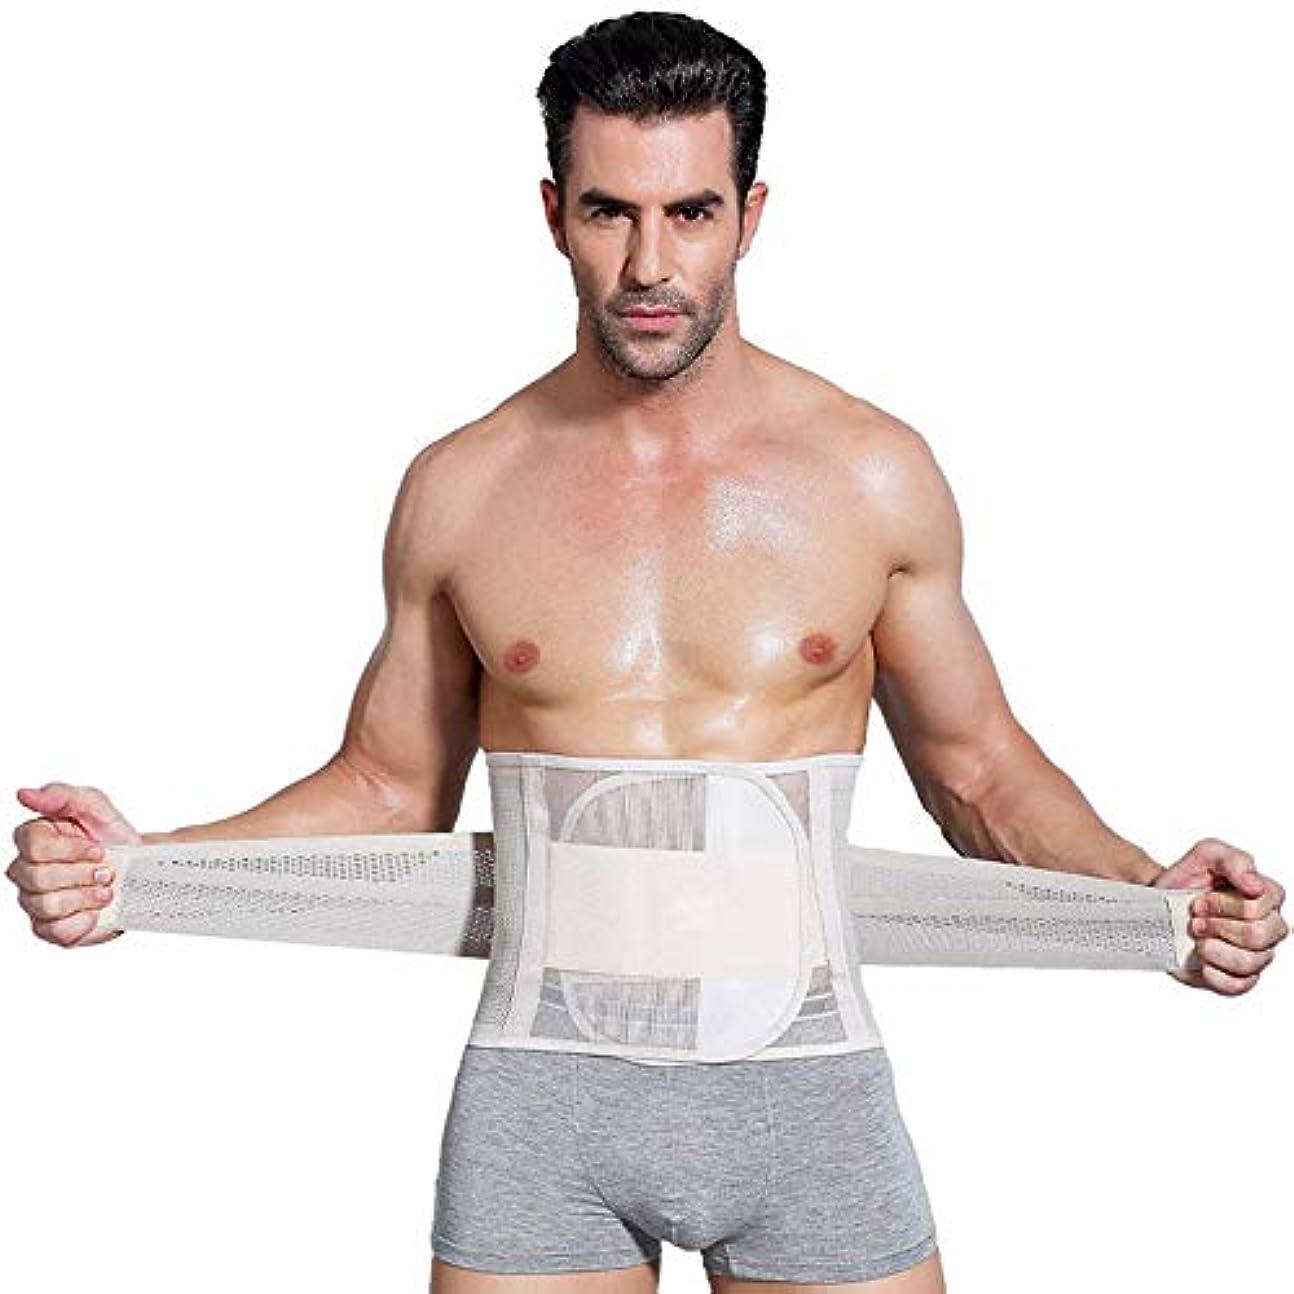 ロデオお願いします悪性男性ボディシェイパーコルセット腹部おなかコントロールウエストトレーナーニッパー脂肪燃焼ガードル痩身腹ベルト用男性 - 肌色XL